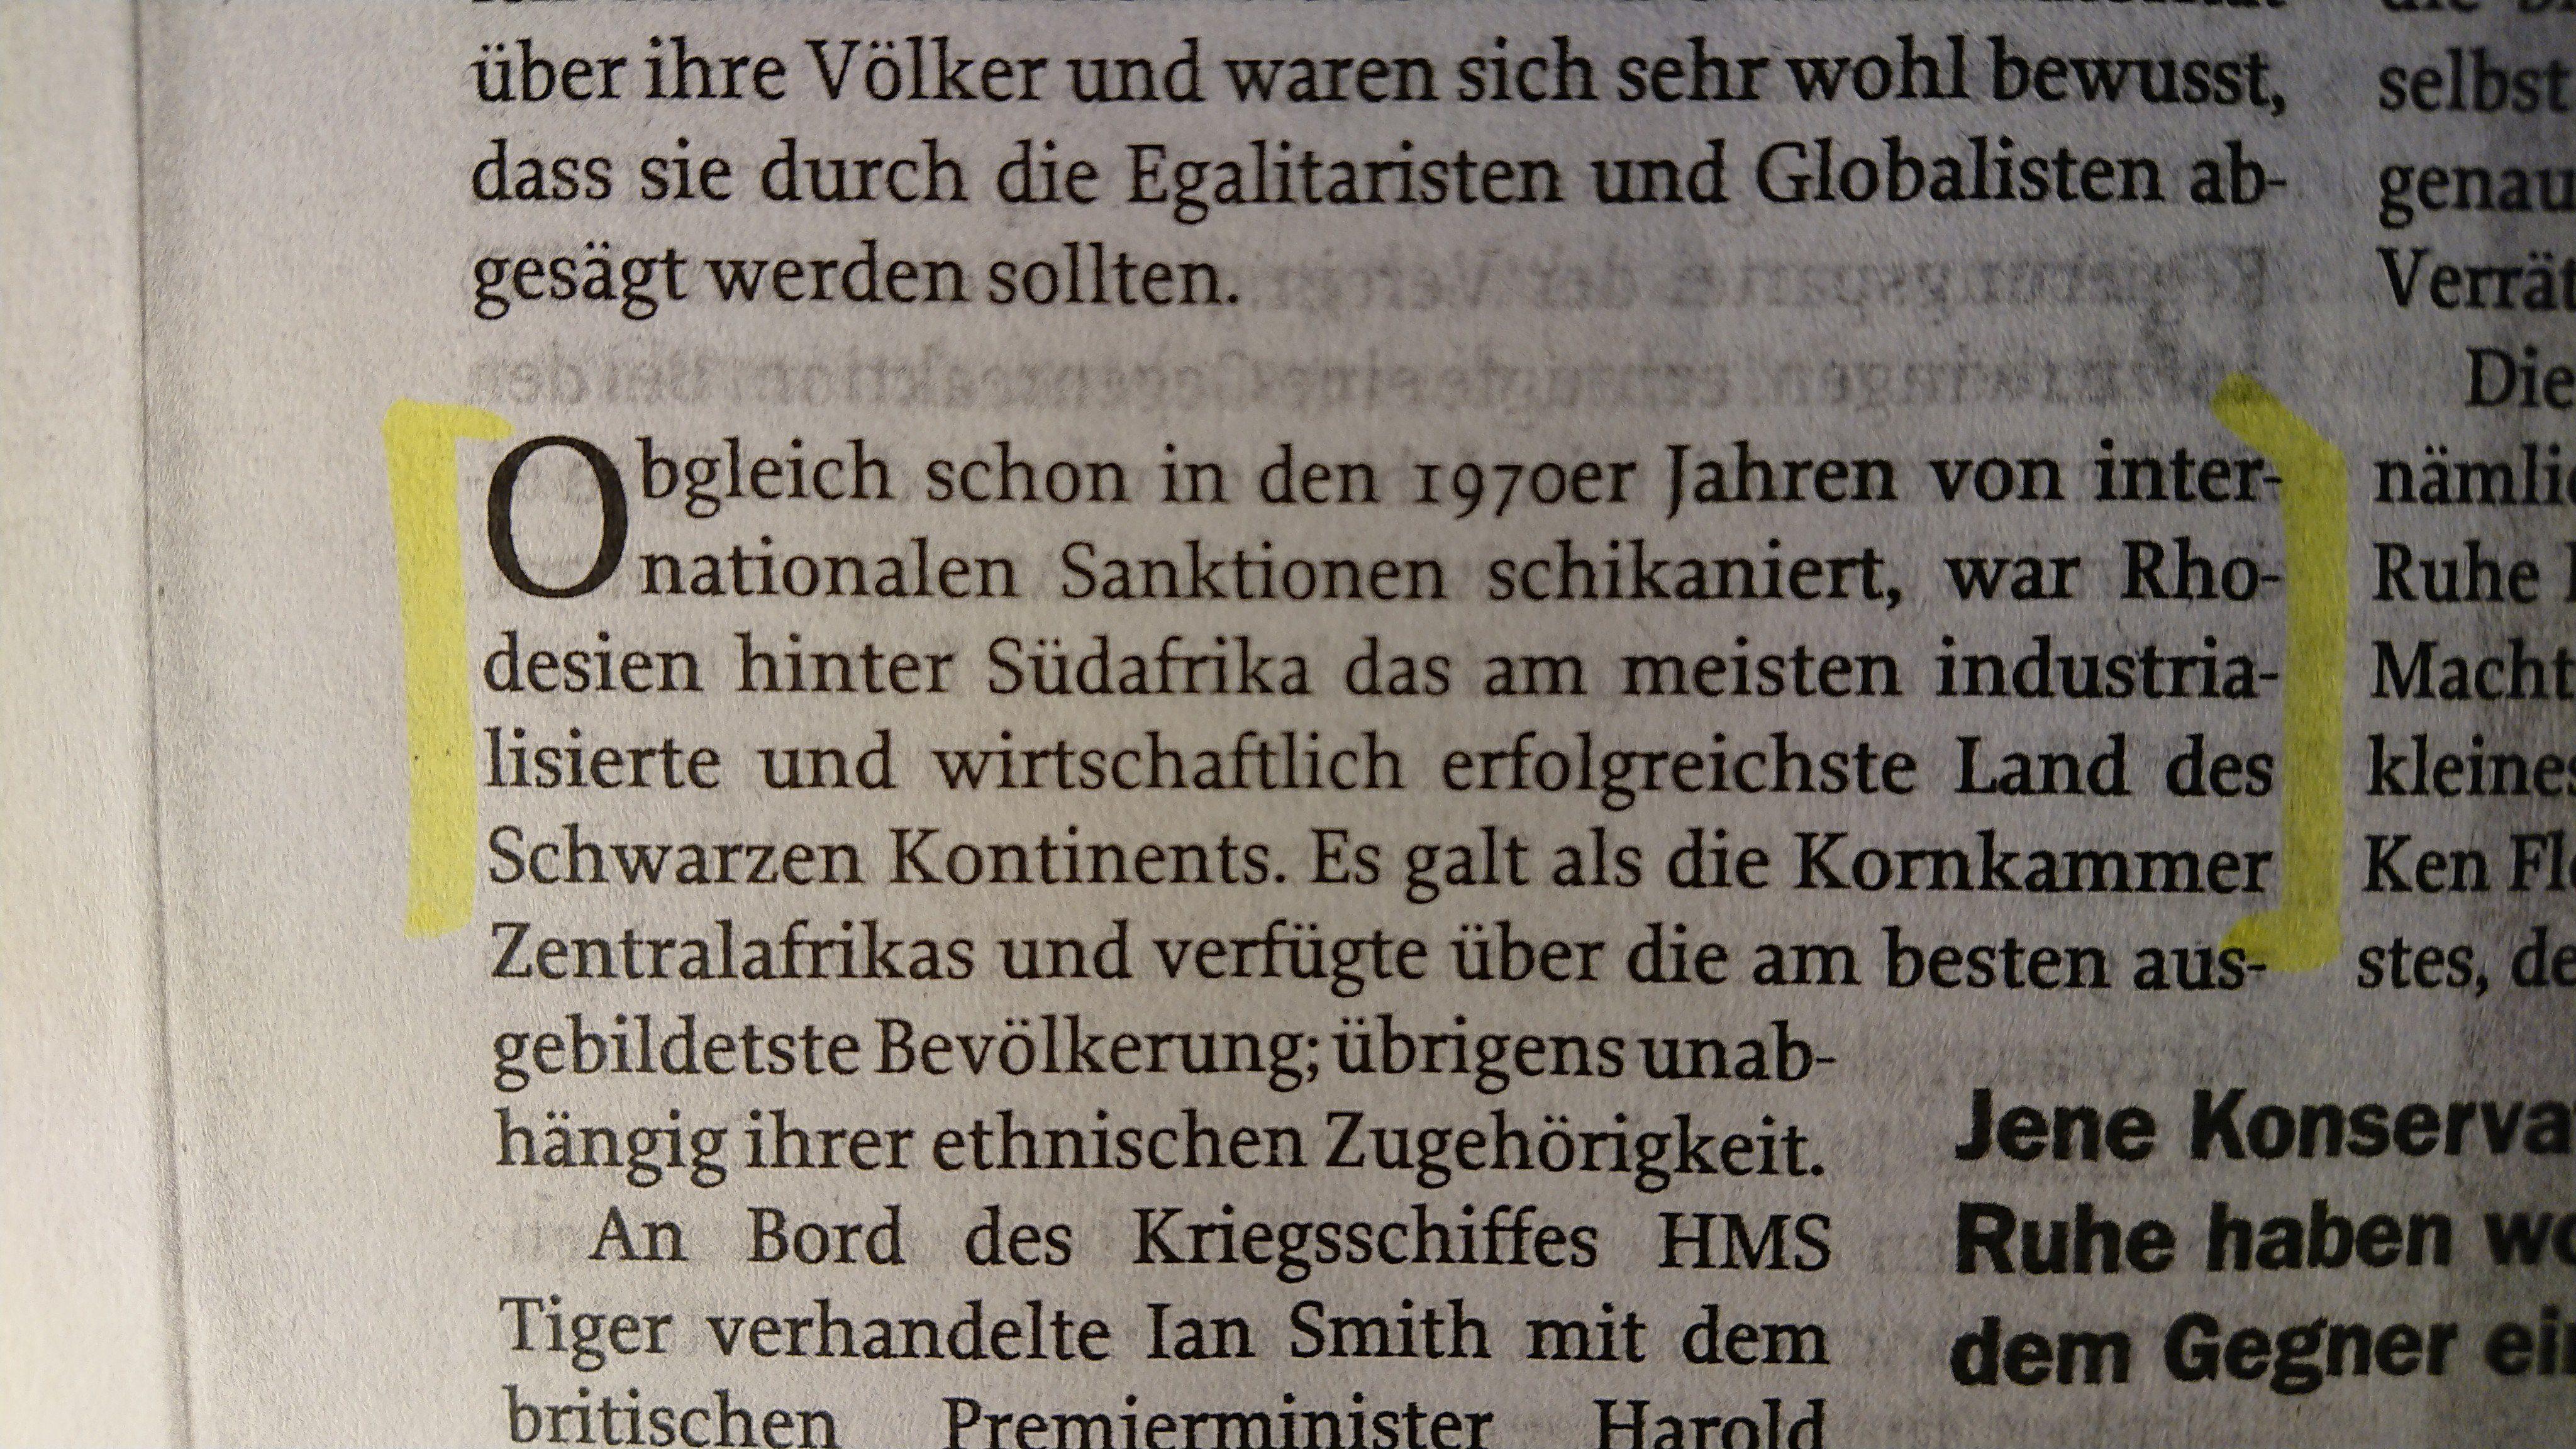 """""""Zur Zeit"""" Nr. 18, Mai 2019, S. 38-40, Moffat Rhodesien; """"von internationalen Sanktionen schikaniert"""""""